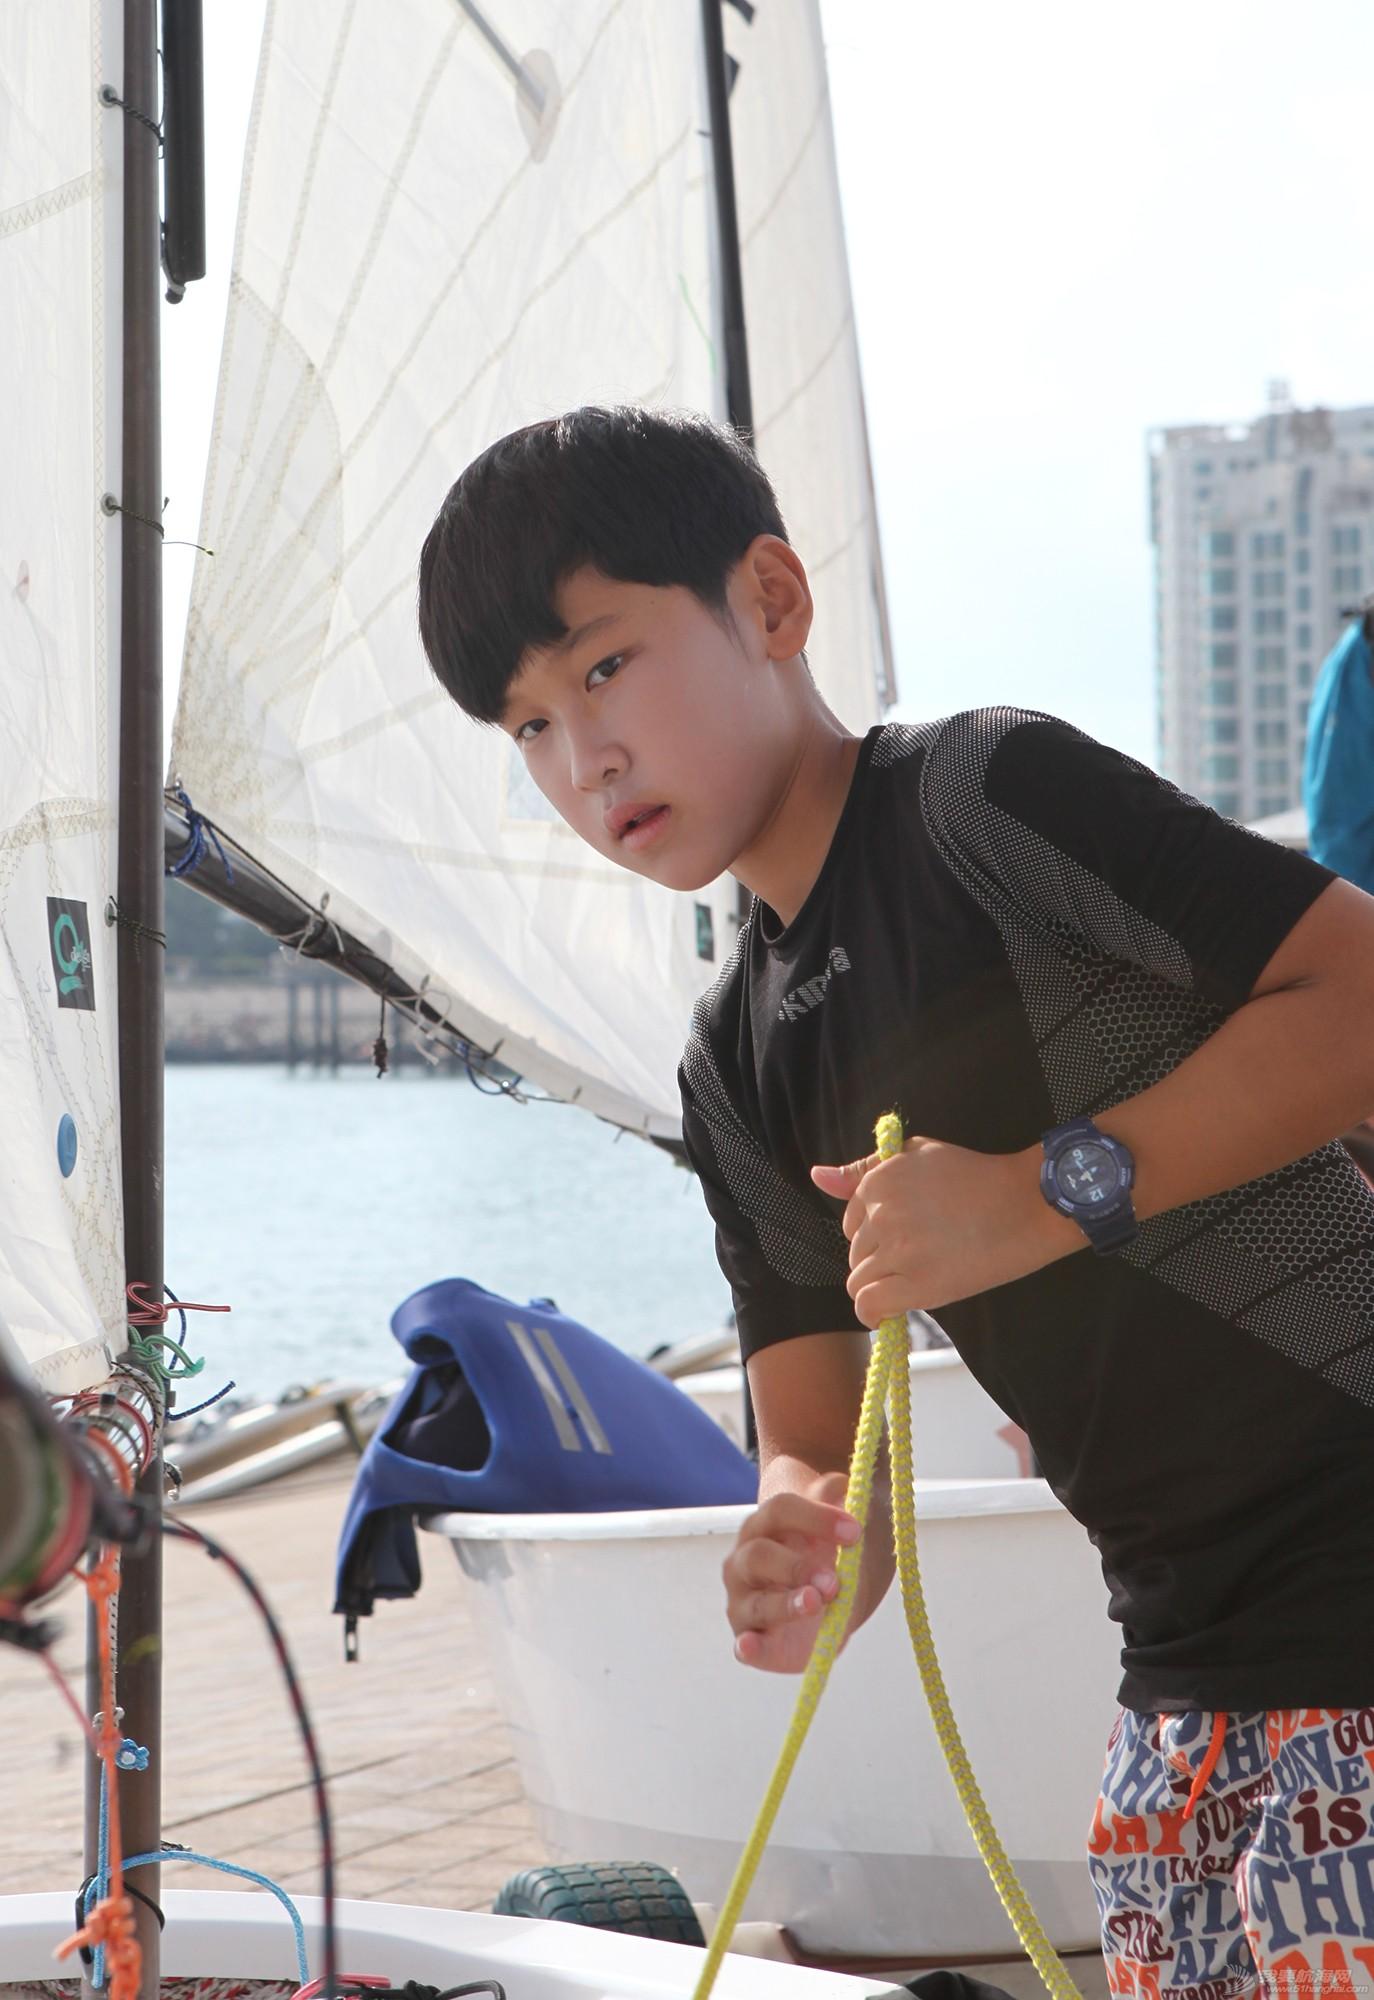 山东省,冠军赛,帆板,帆船 忙碌的赛前准备——山东省帆船帆板冠军赛花絮 IMG_7269.JPG